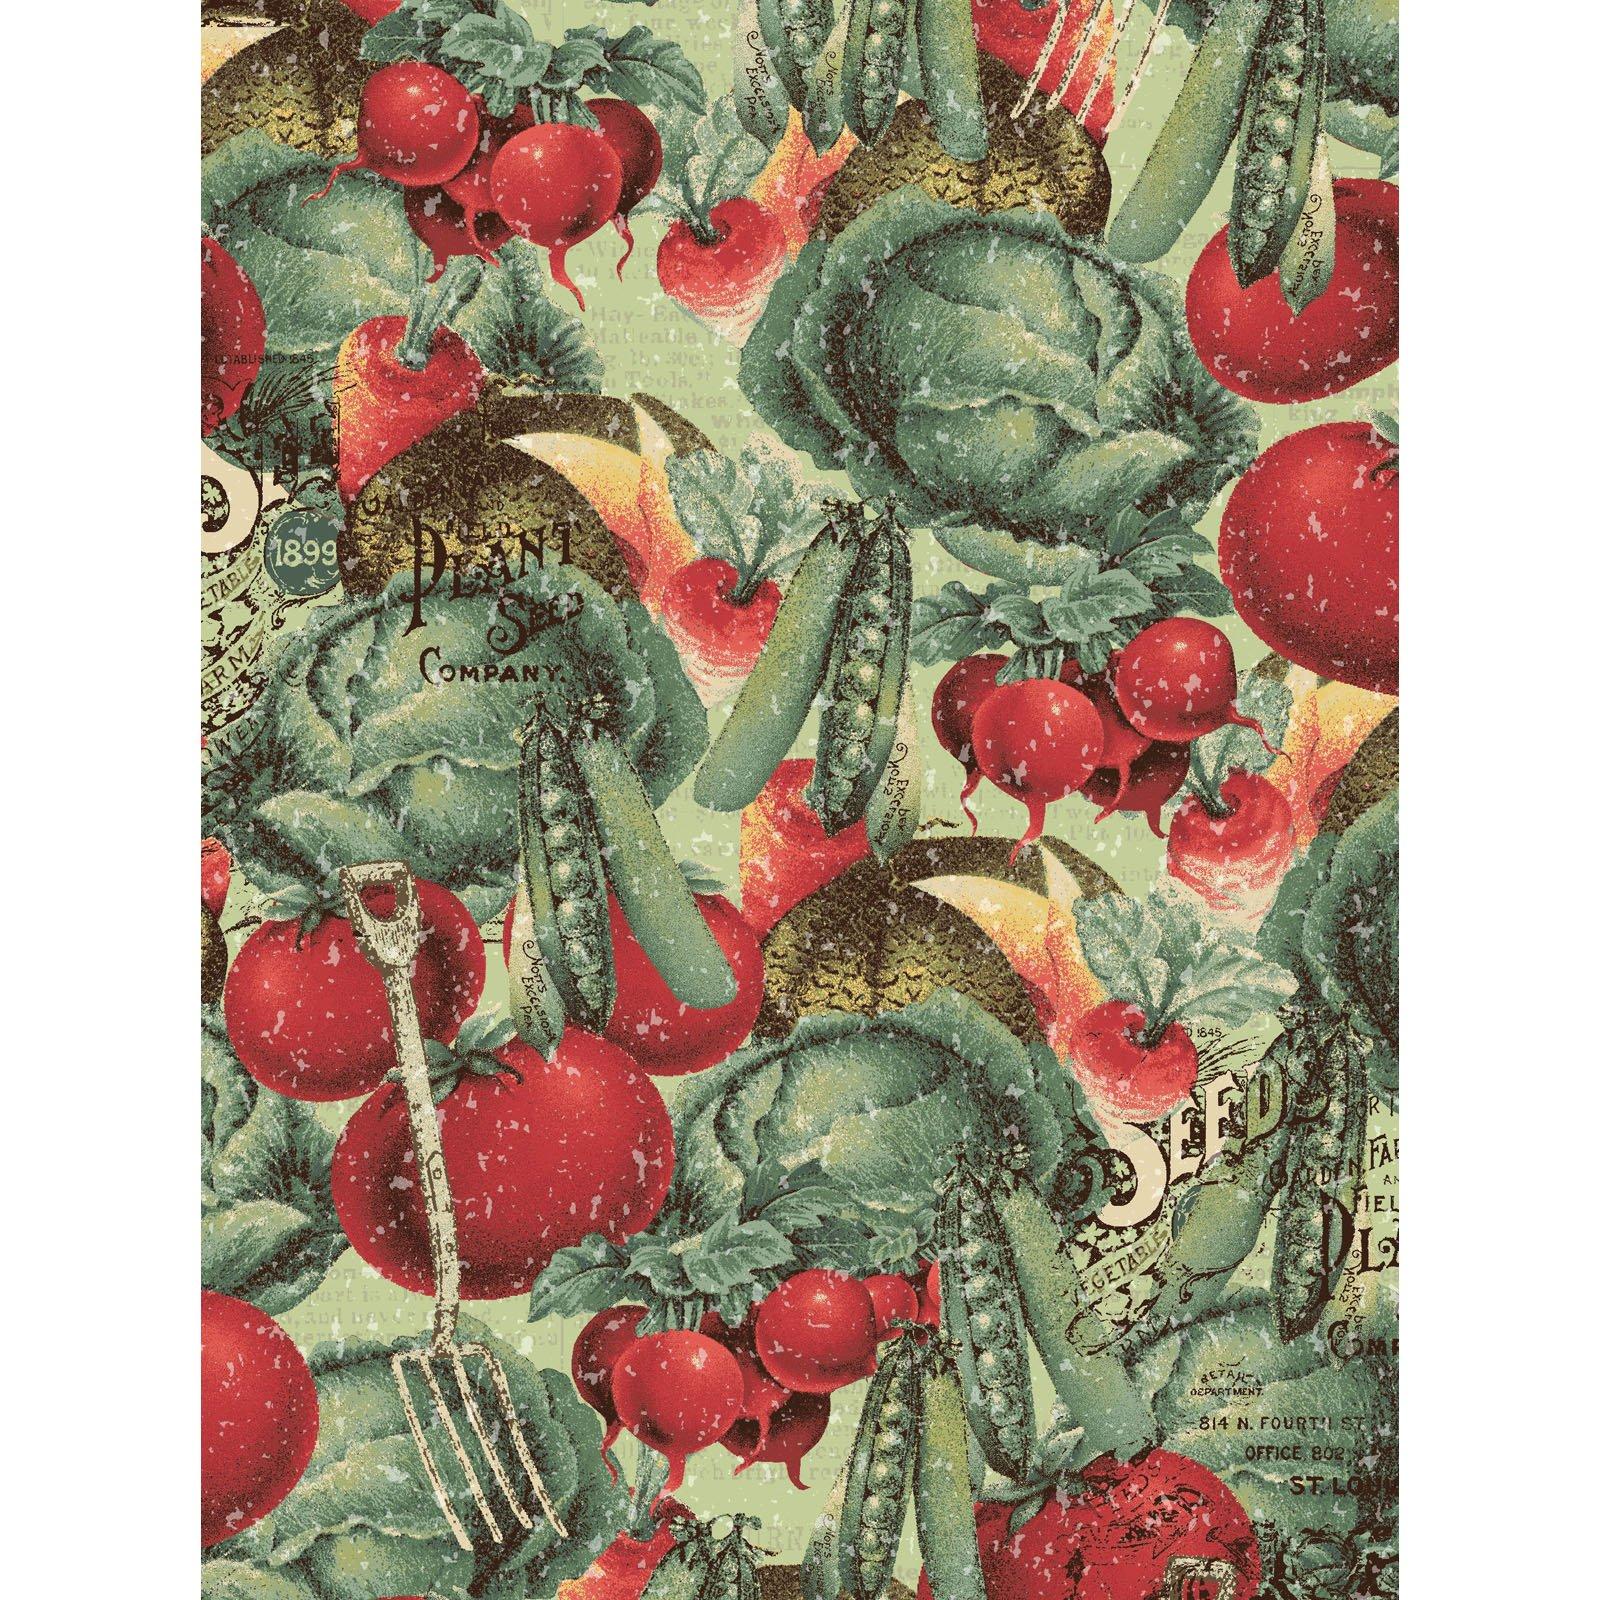 Vintage Seedpackets 1664-110